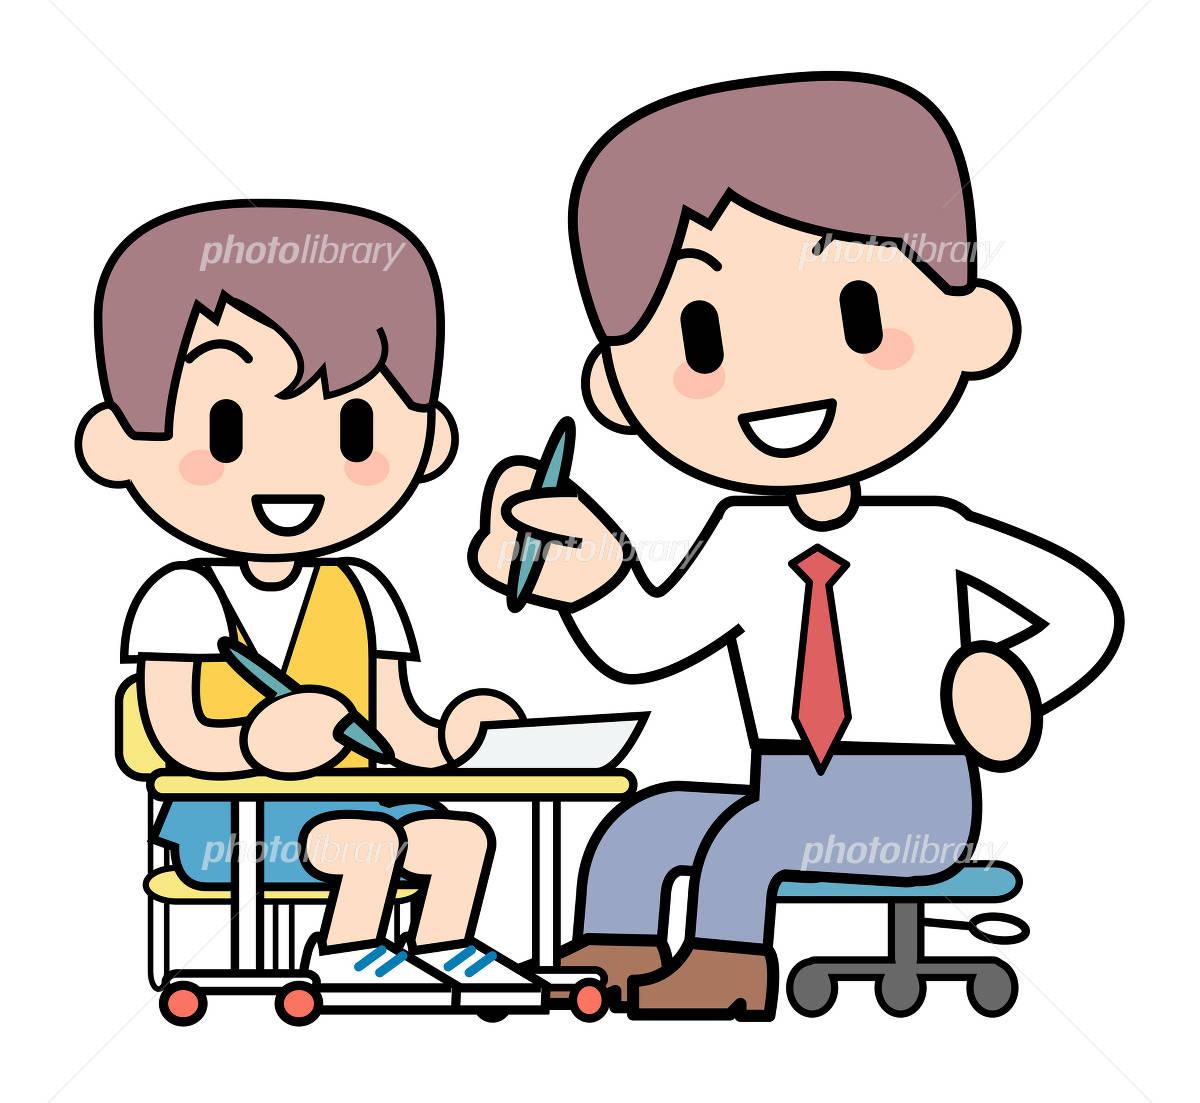 学習塾個別指導 イラスト素材 2056576 フォトライブラリー